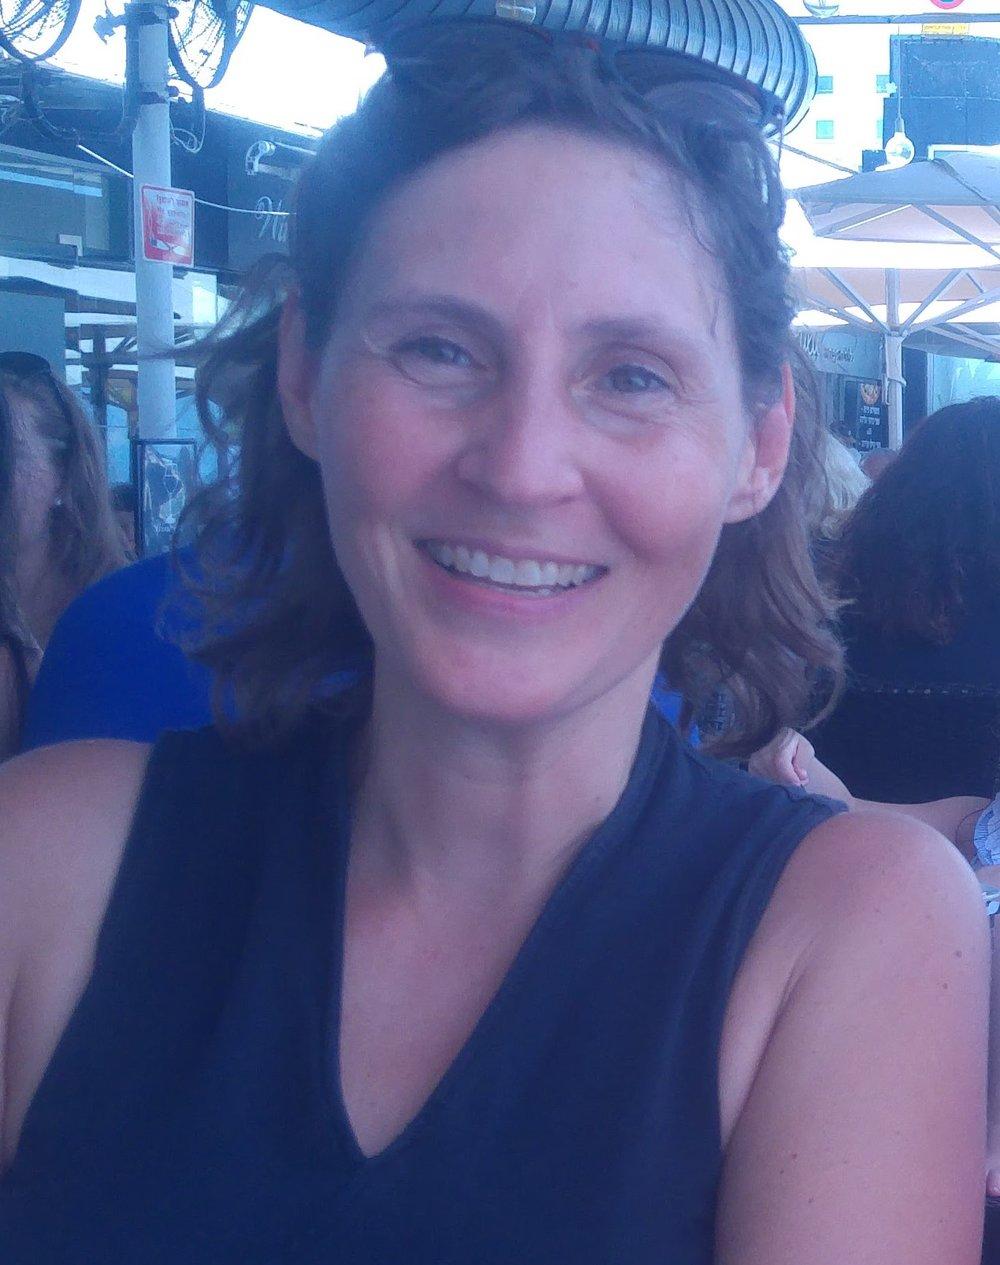 Marie-Hélène Bacon, Chercheure, Collectif de recherche écosanté sur les pesticides, les politiques publiques et les alternatives (CREPPA)